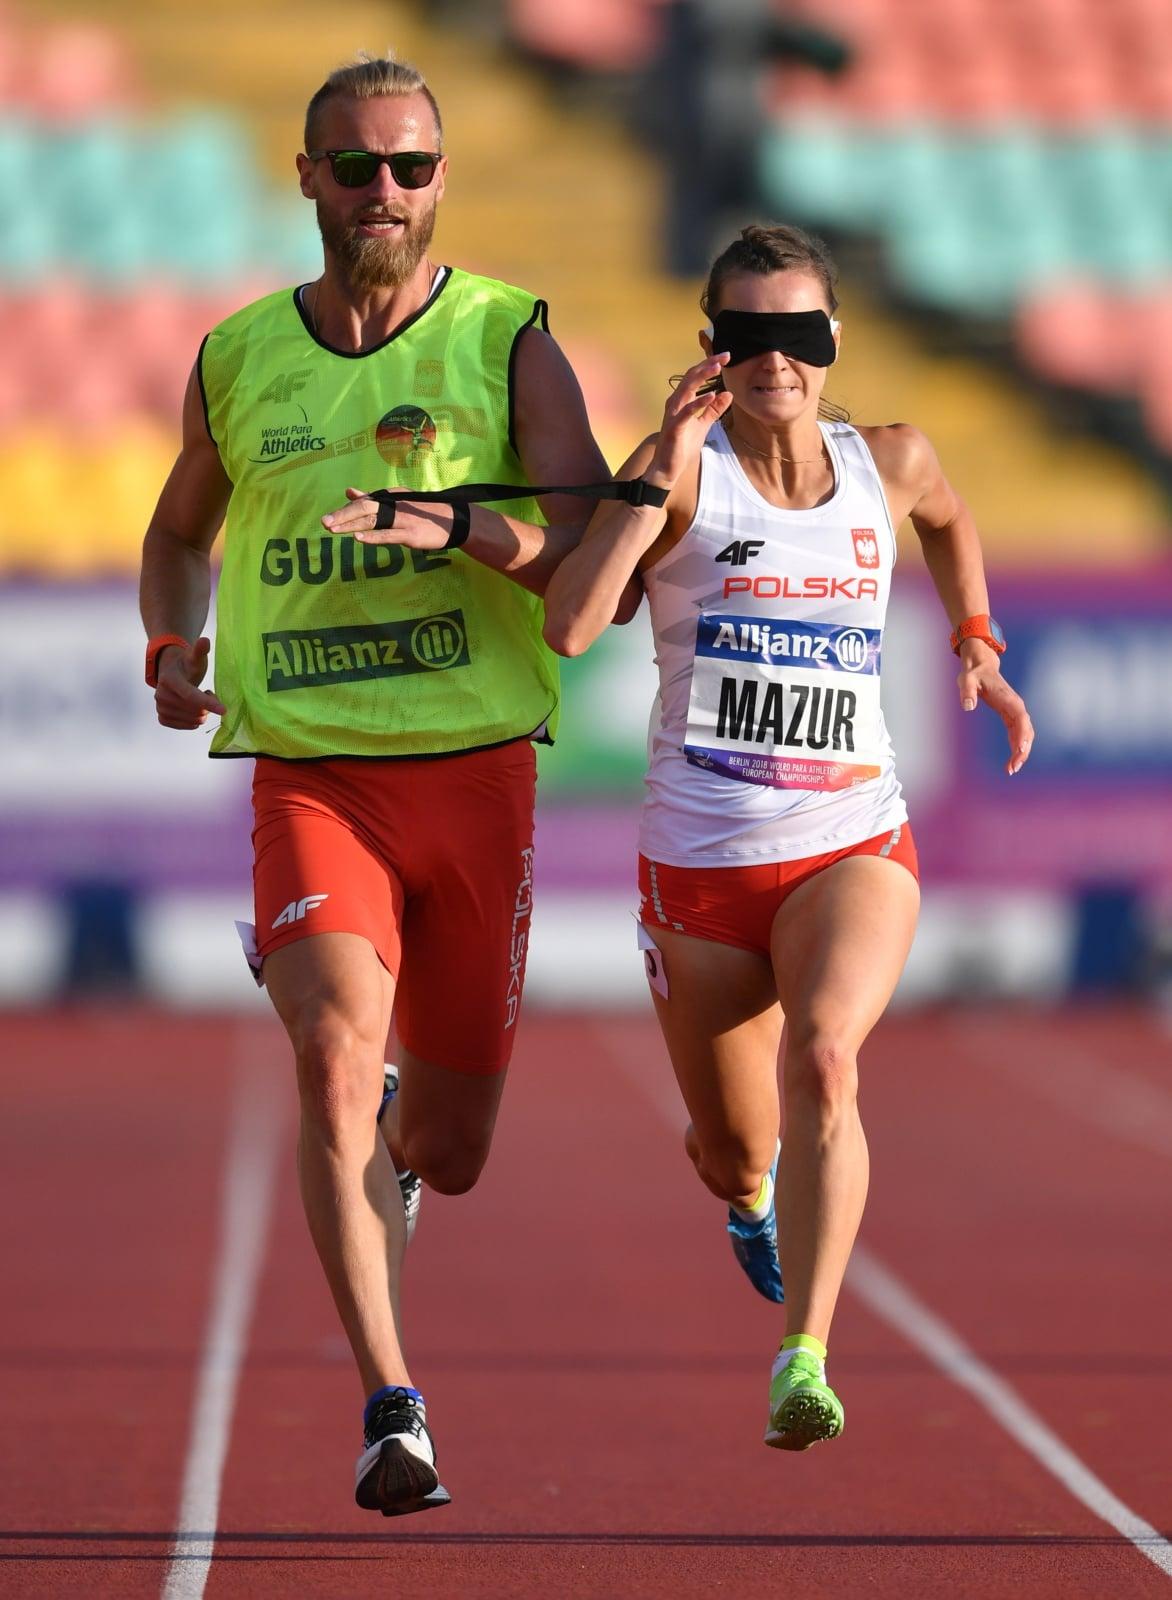 Joanna Mazur i przewodnik Michał Stawicki w finale biegu na 200 metrów (klasa T11) podczas lekkoatletycznych mistrzostw Europy osób z niepełnosprawnościami w Berlinie